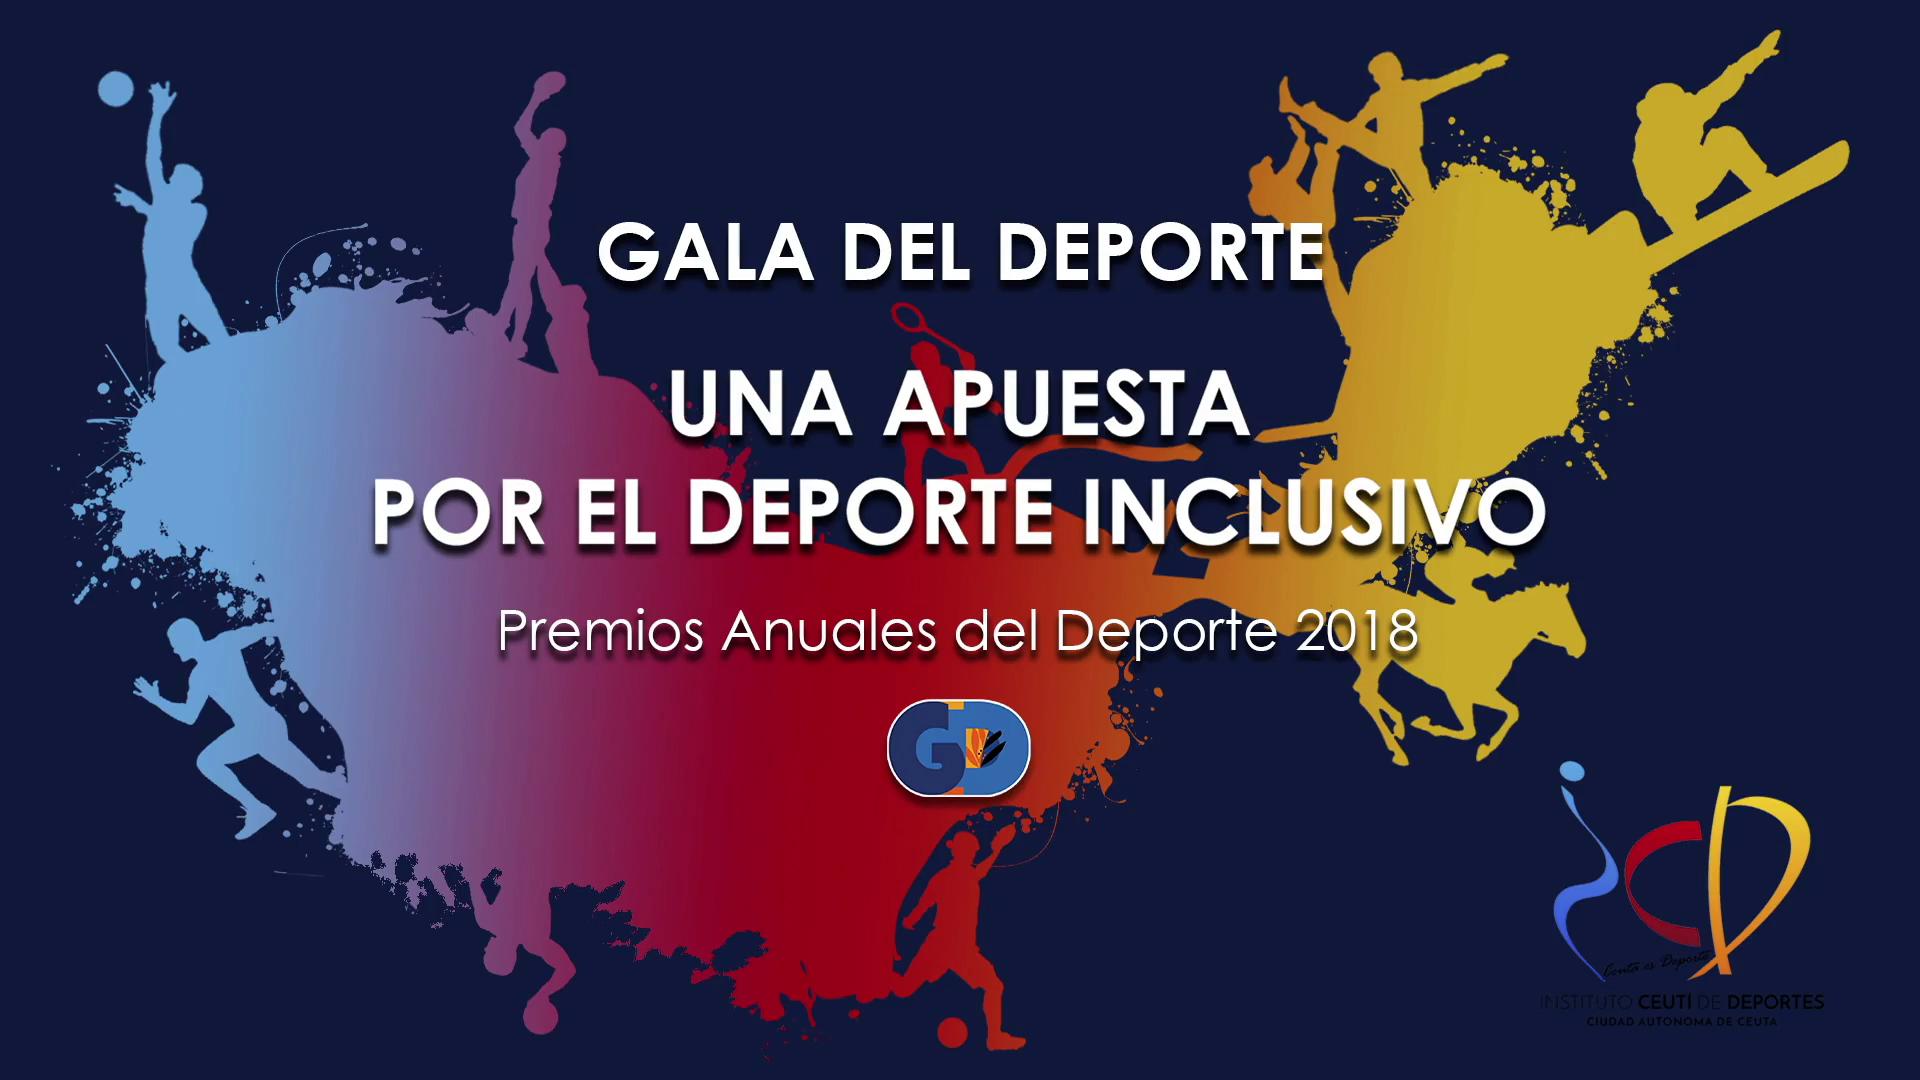 Gala del Deporte de Ceuta 2019